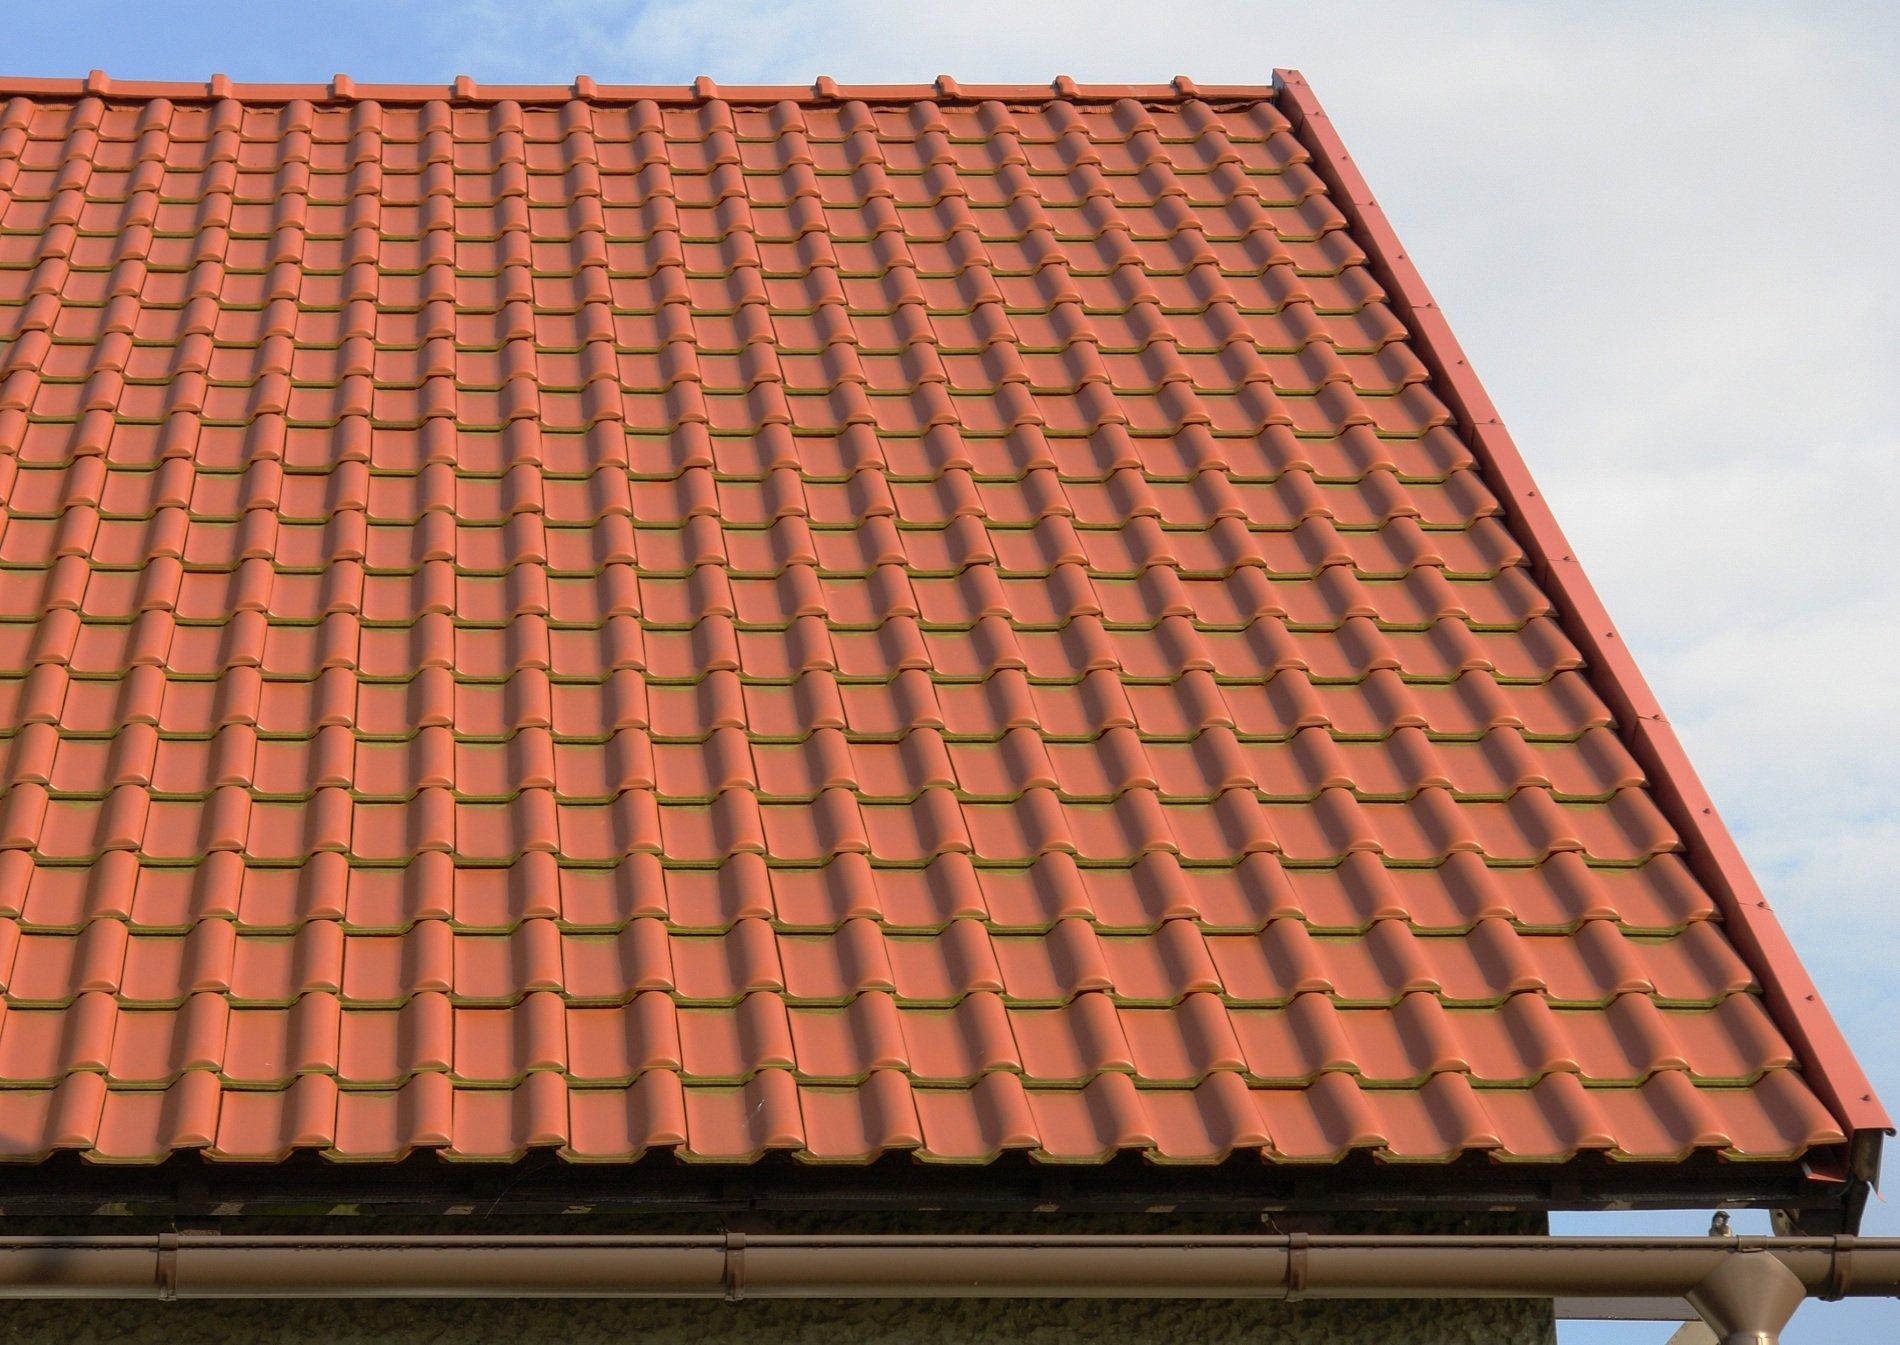 un tetto di tegole